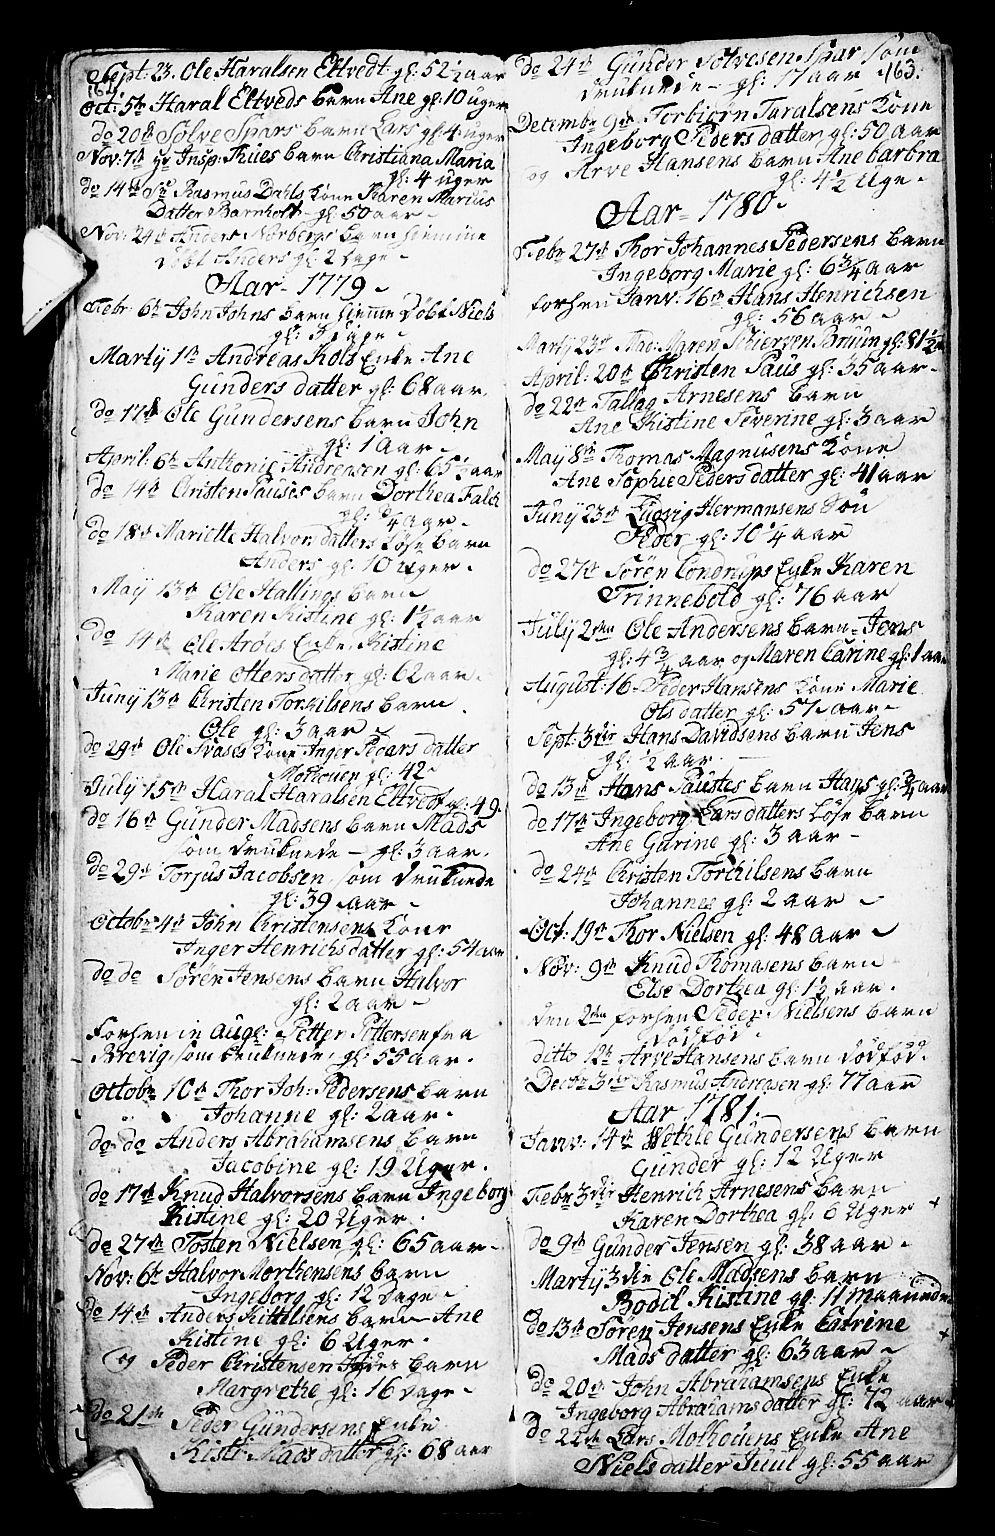 SAKO, Porsgrunn kirkebøker , G/Ga/L0001: Klokkerbok nr. I 1, 1766-1790, s. 162-163